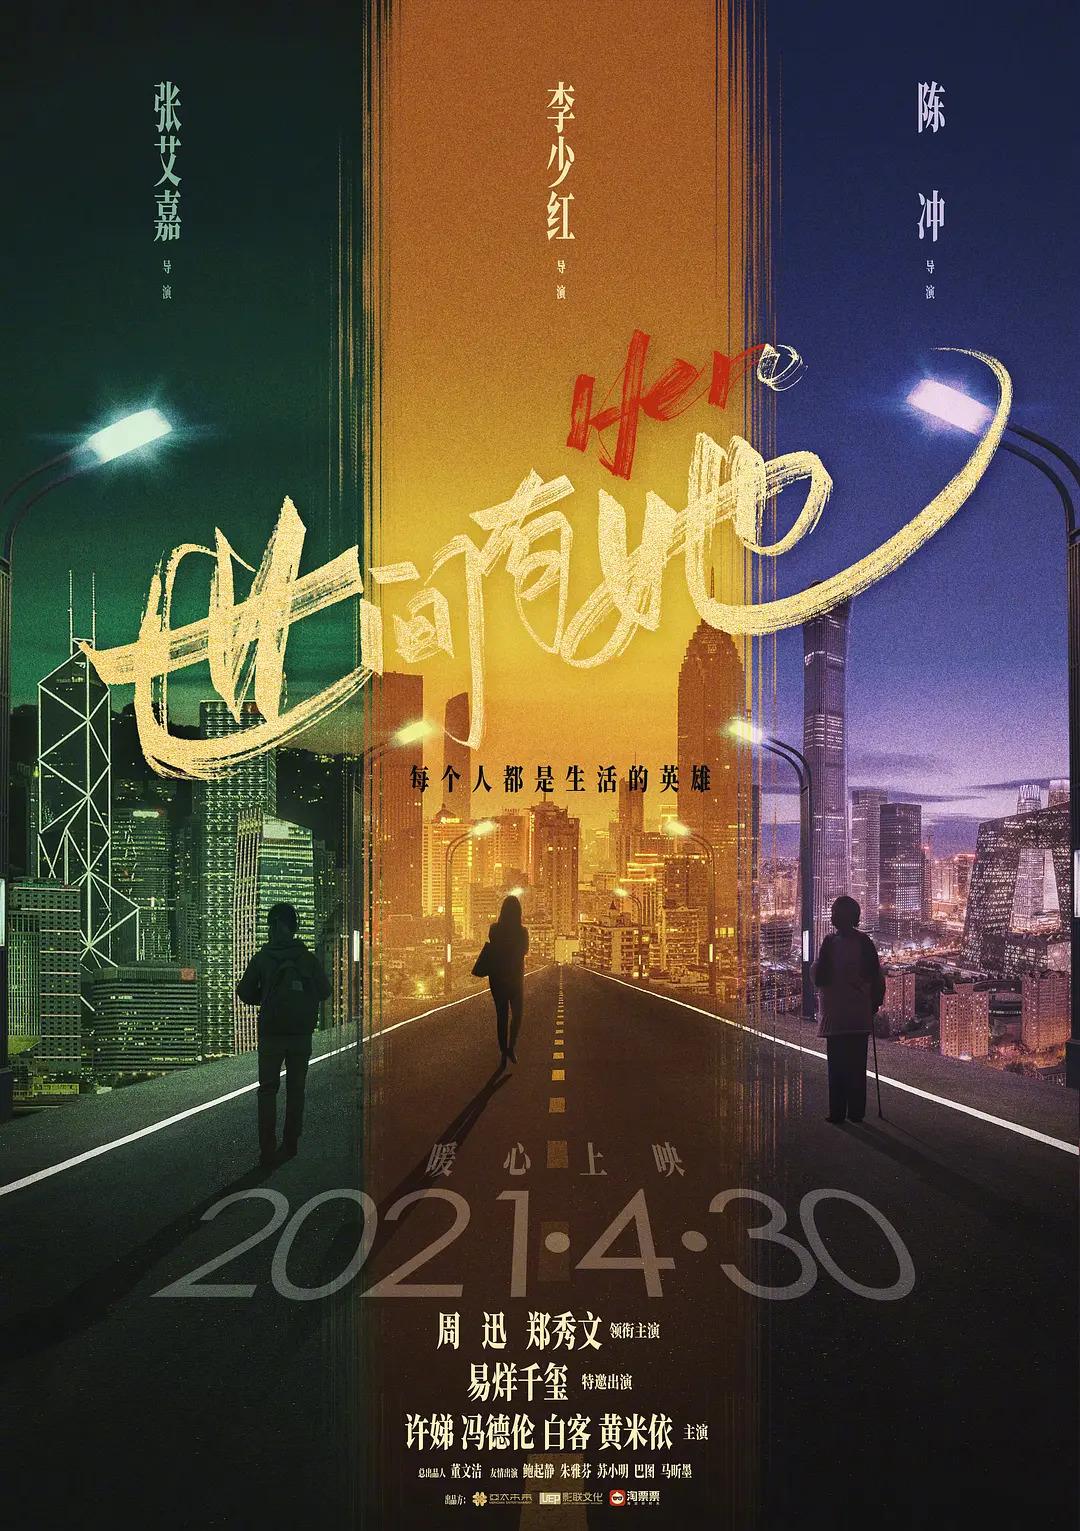 【电影预告】世间有她 HerStory 2021-04-30 中国大陆上映